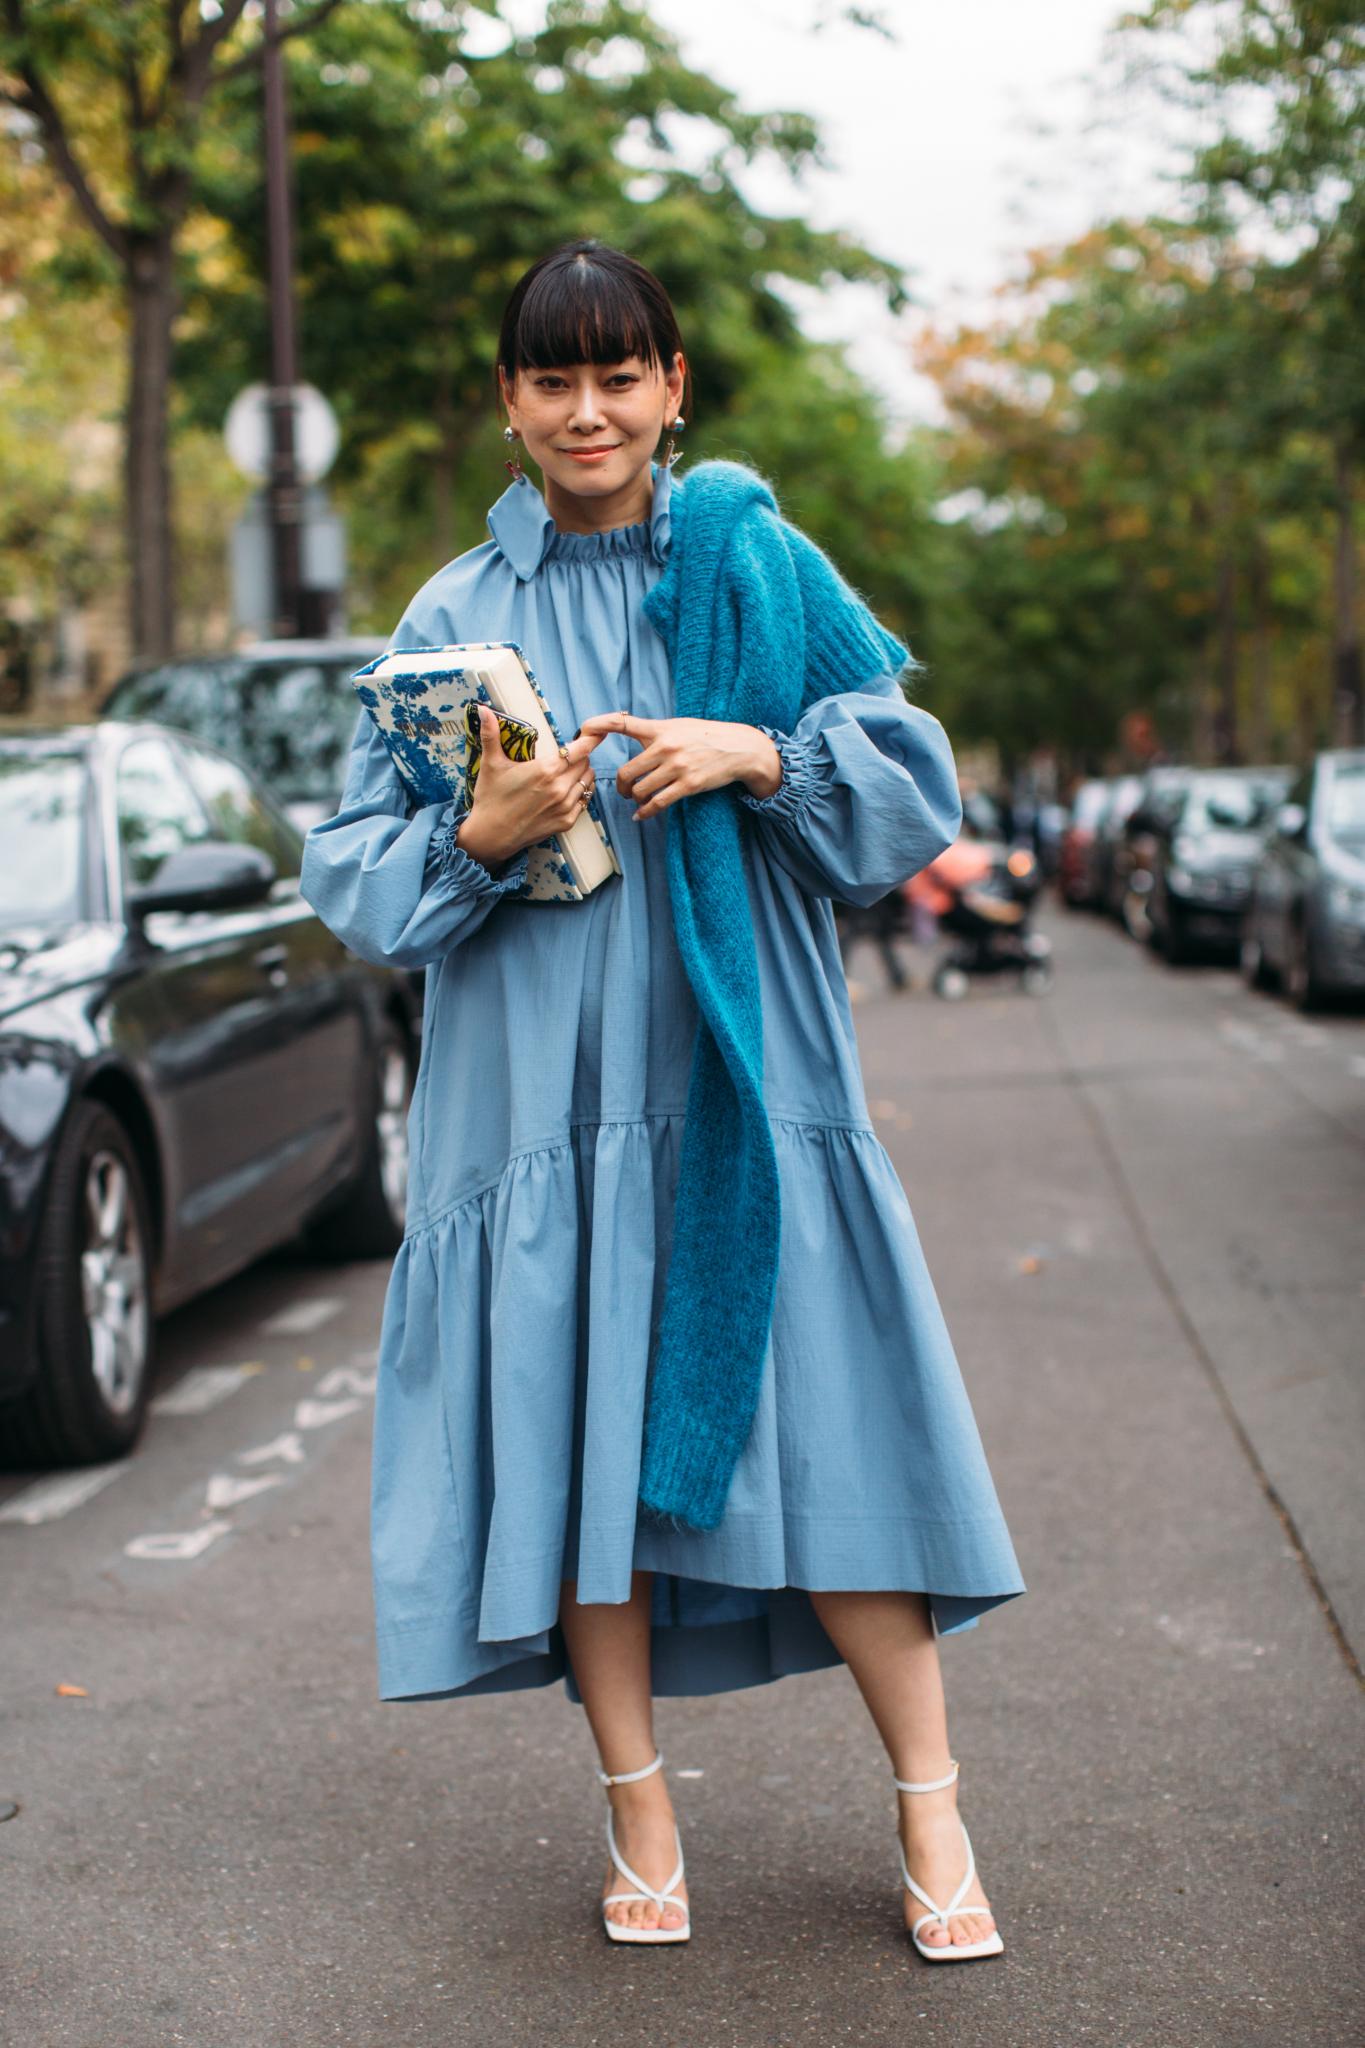 Moda na wiosnę - eksplozja kolorów w twojej garderobie